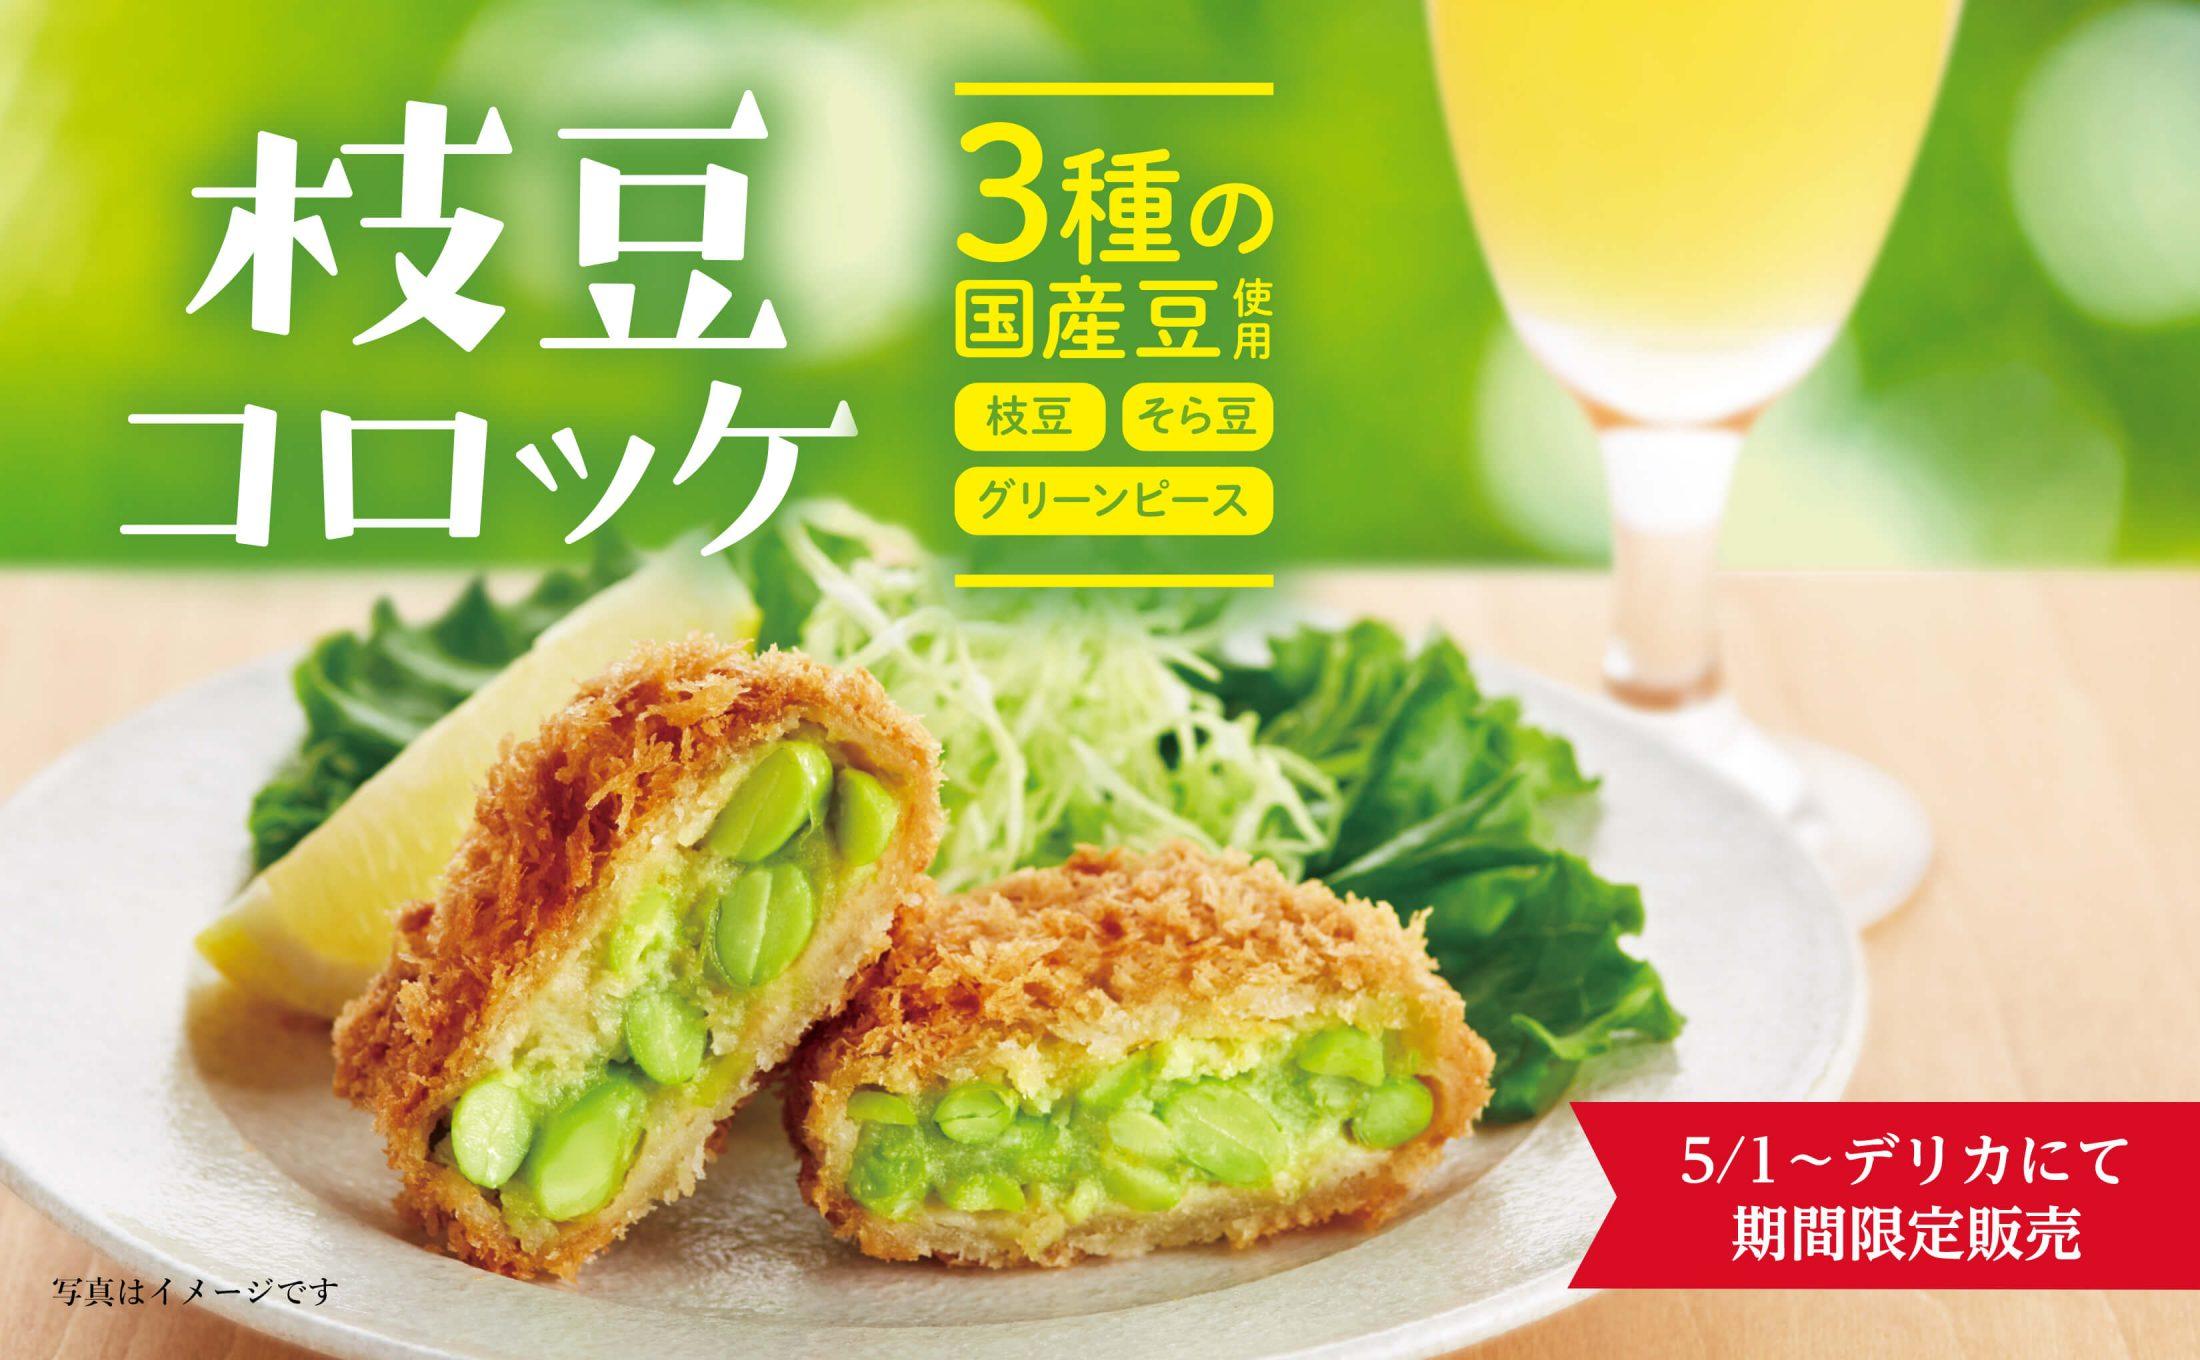 デリカにて「枝豆コロッケ」を期間限定で販売!